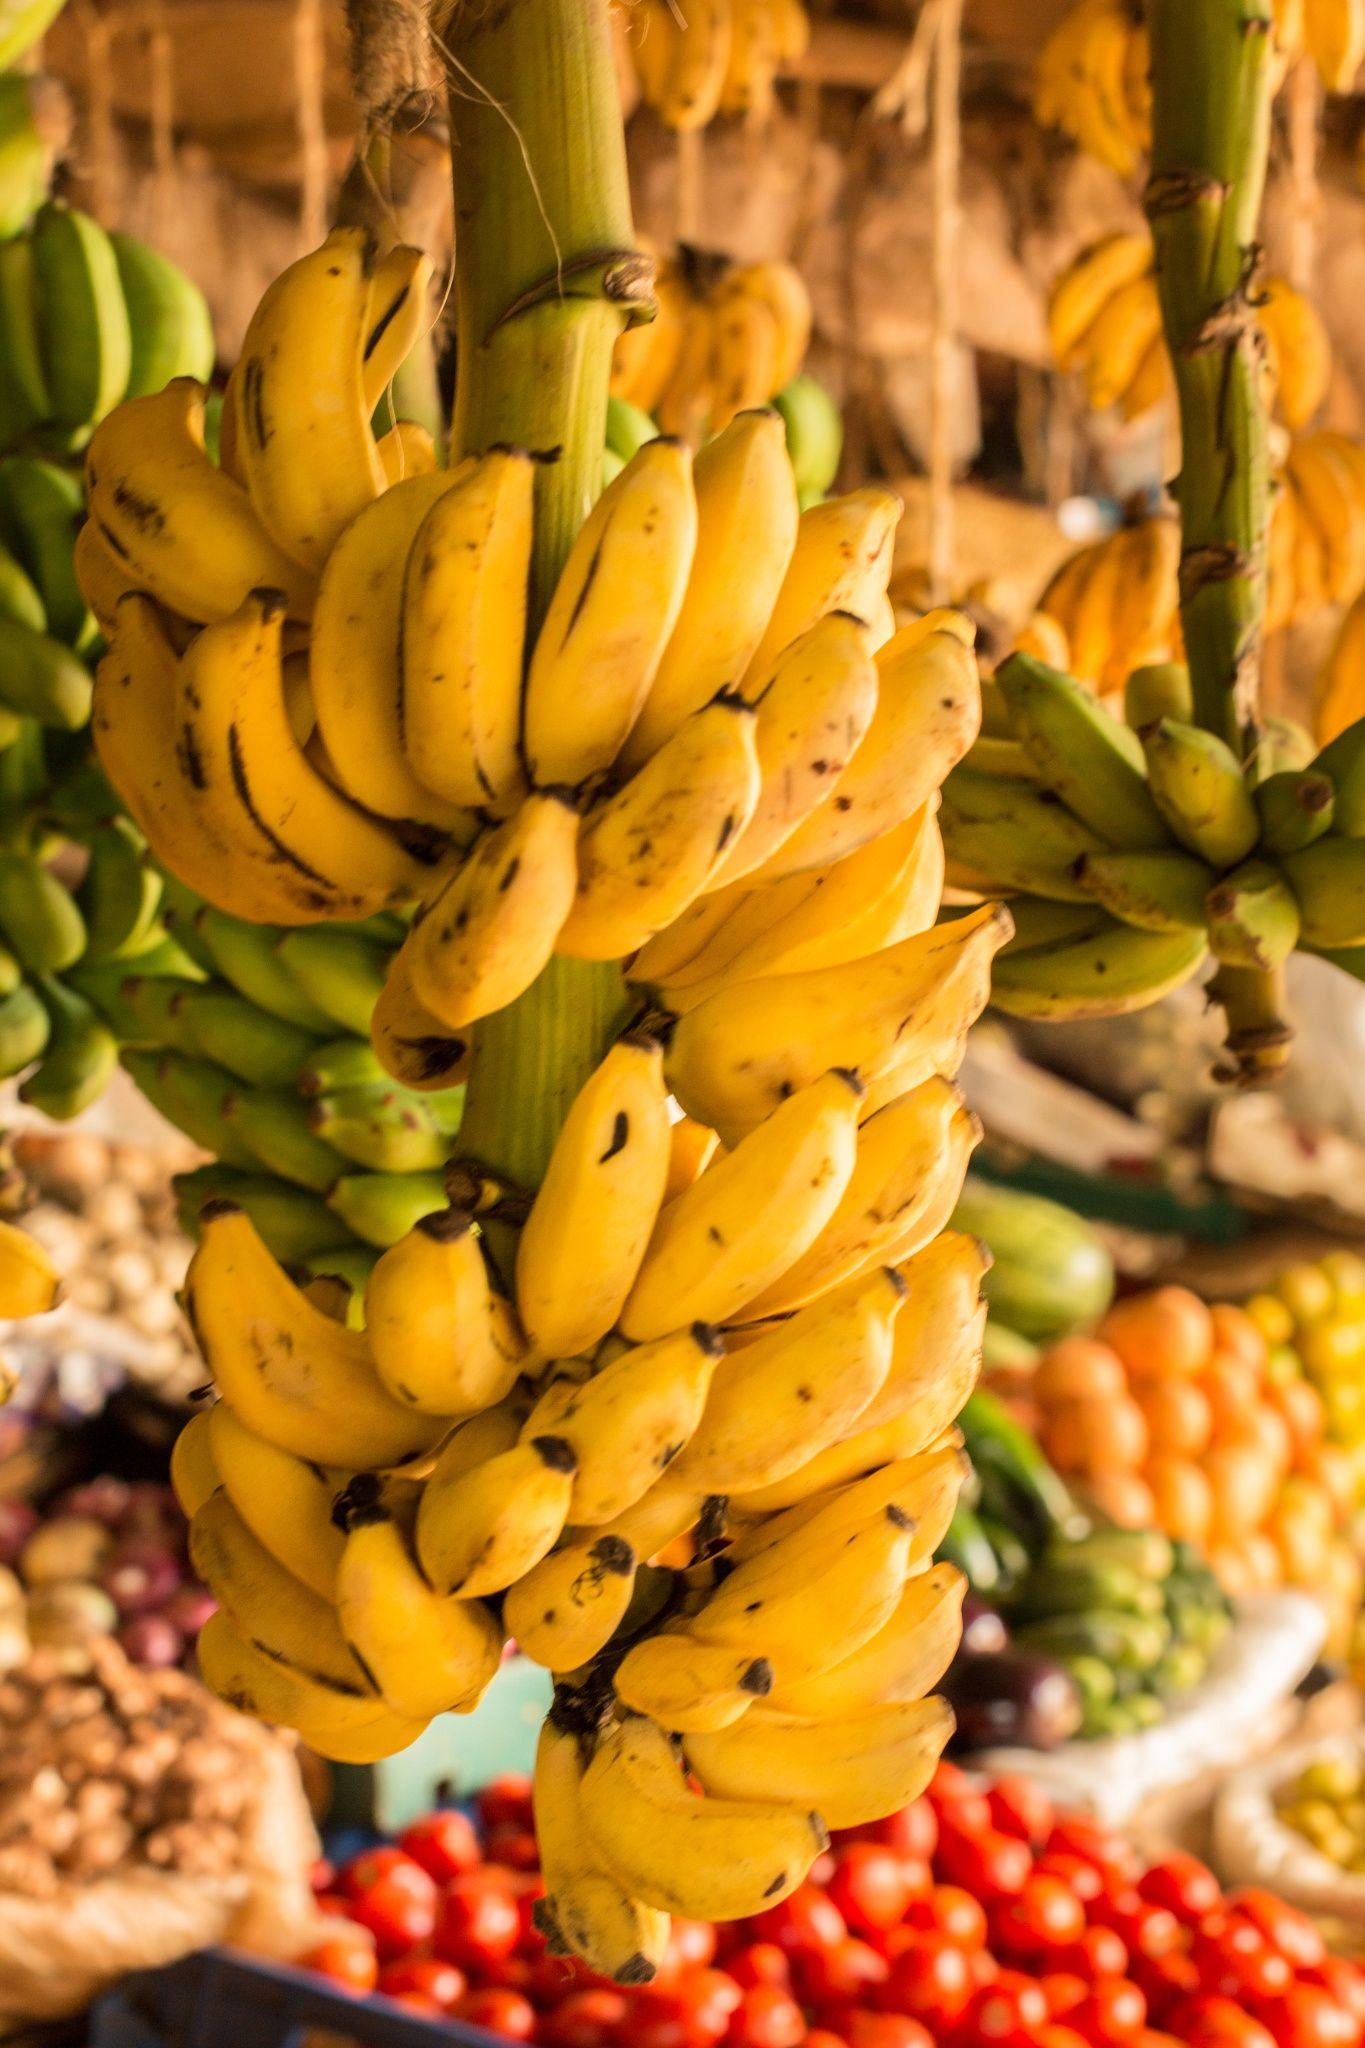 Ripe and green banana bunch hanging at a local vegetable market in Kenya, Nairobi